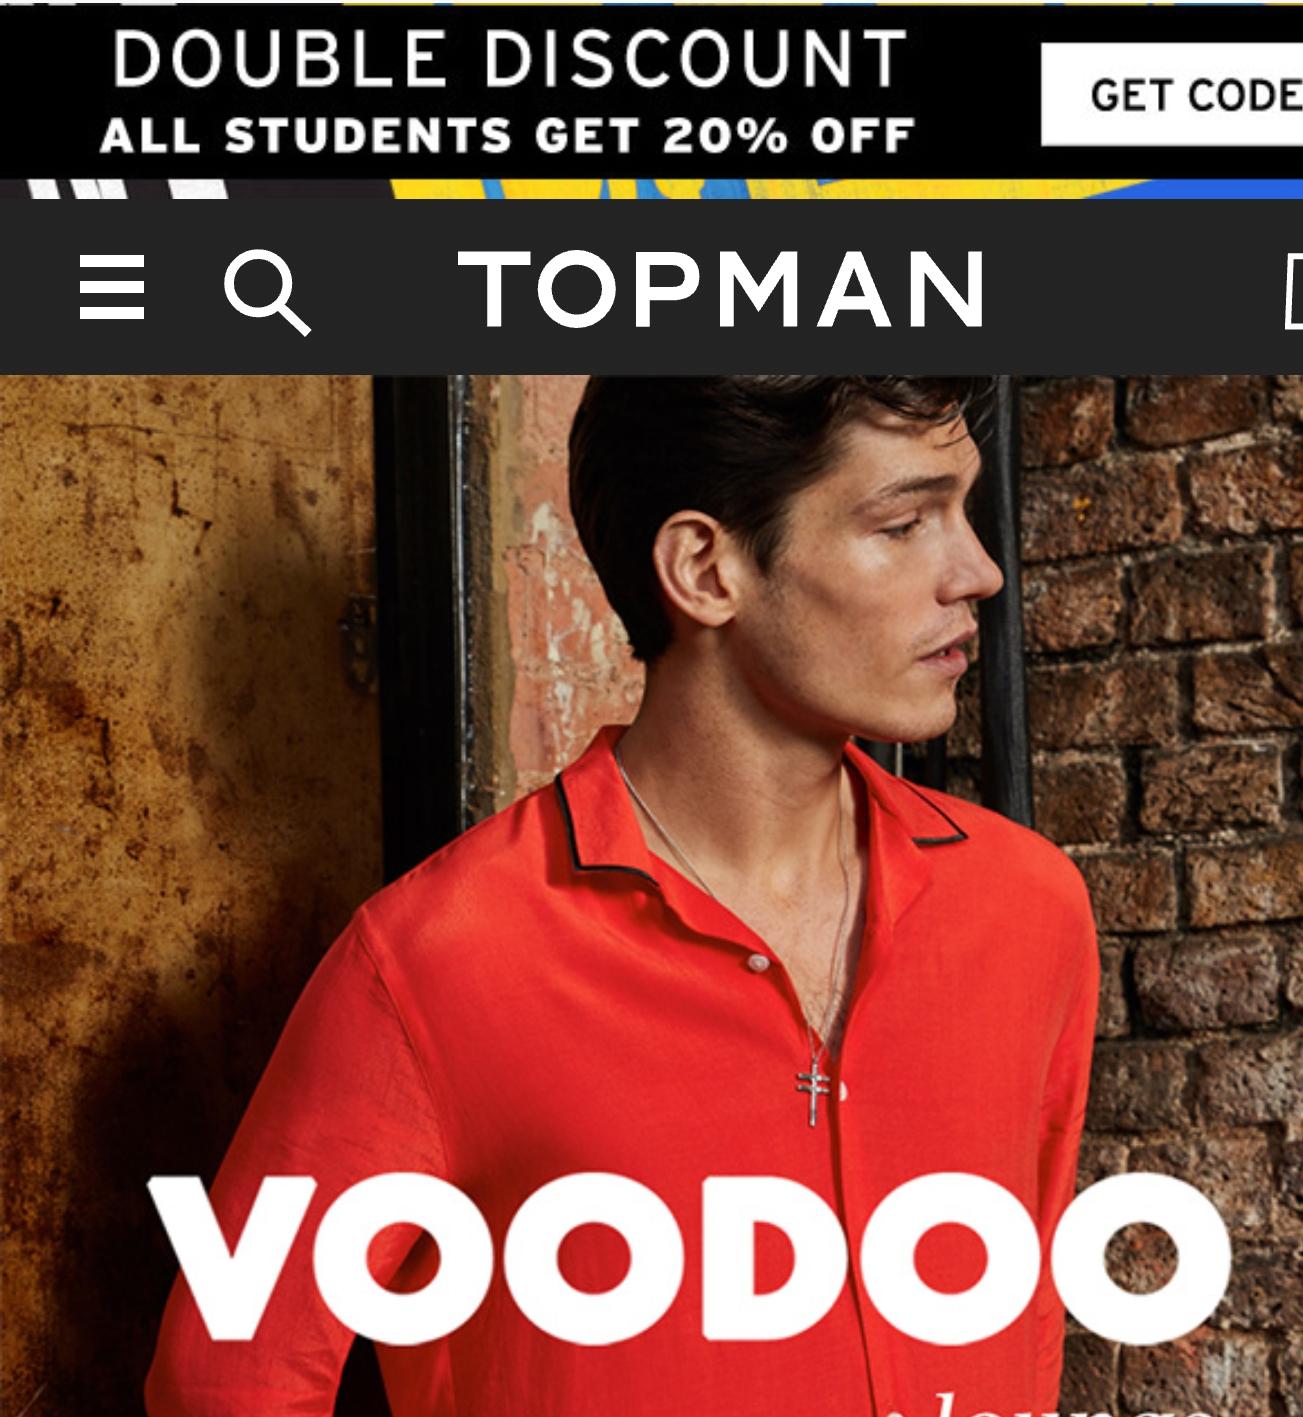 """Topman """"Double Discount"""" -  20% Student Discount"""